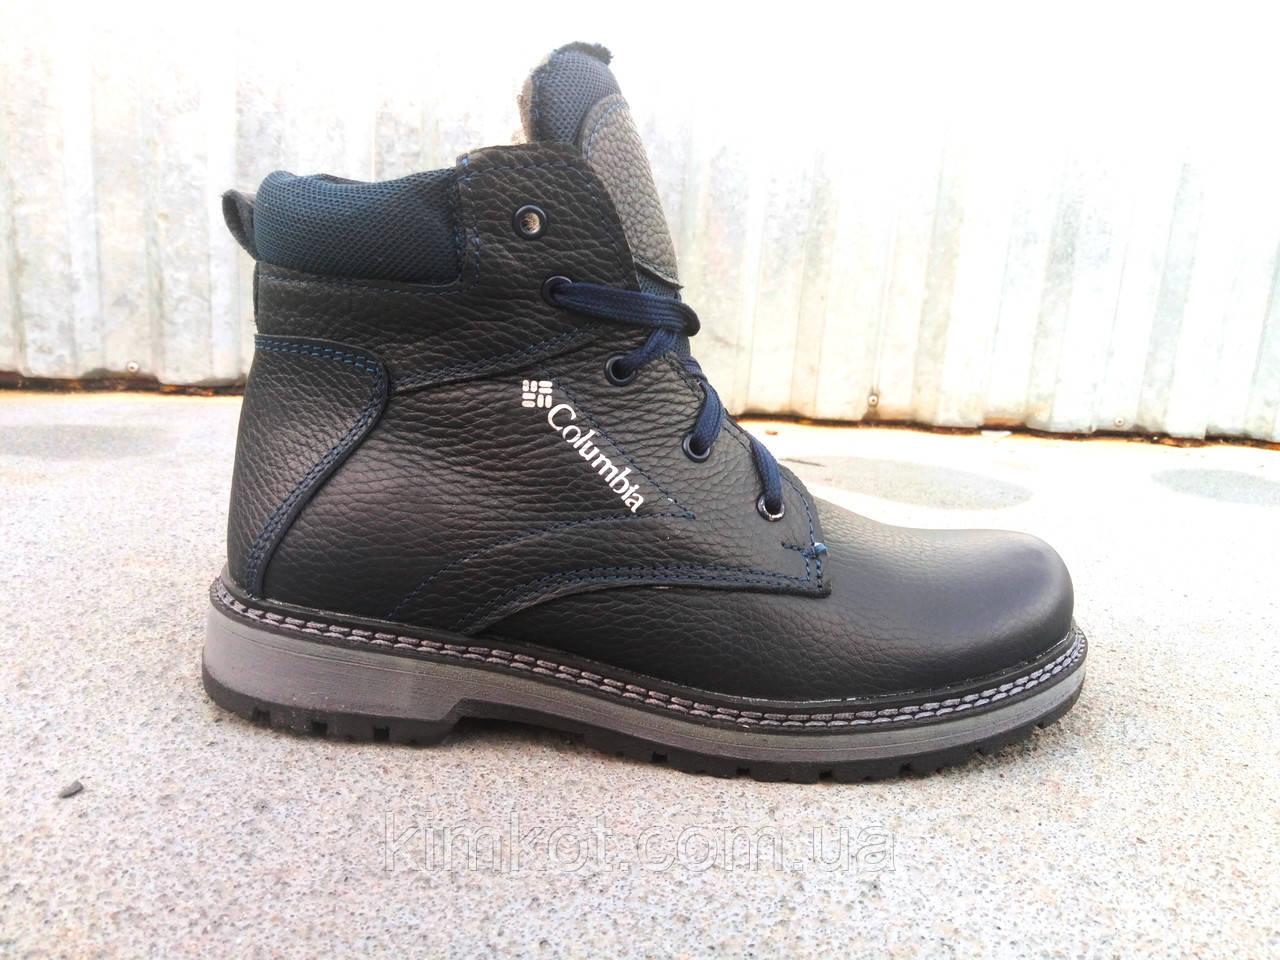 Кожаные детские зимние ботинки 35-39  продажа f06e6ee1cefb6